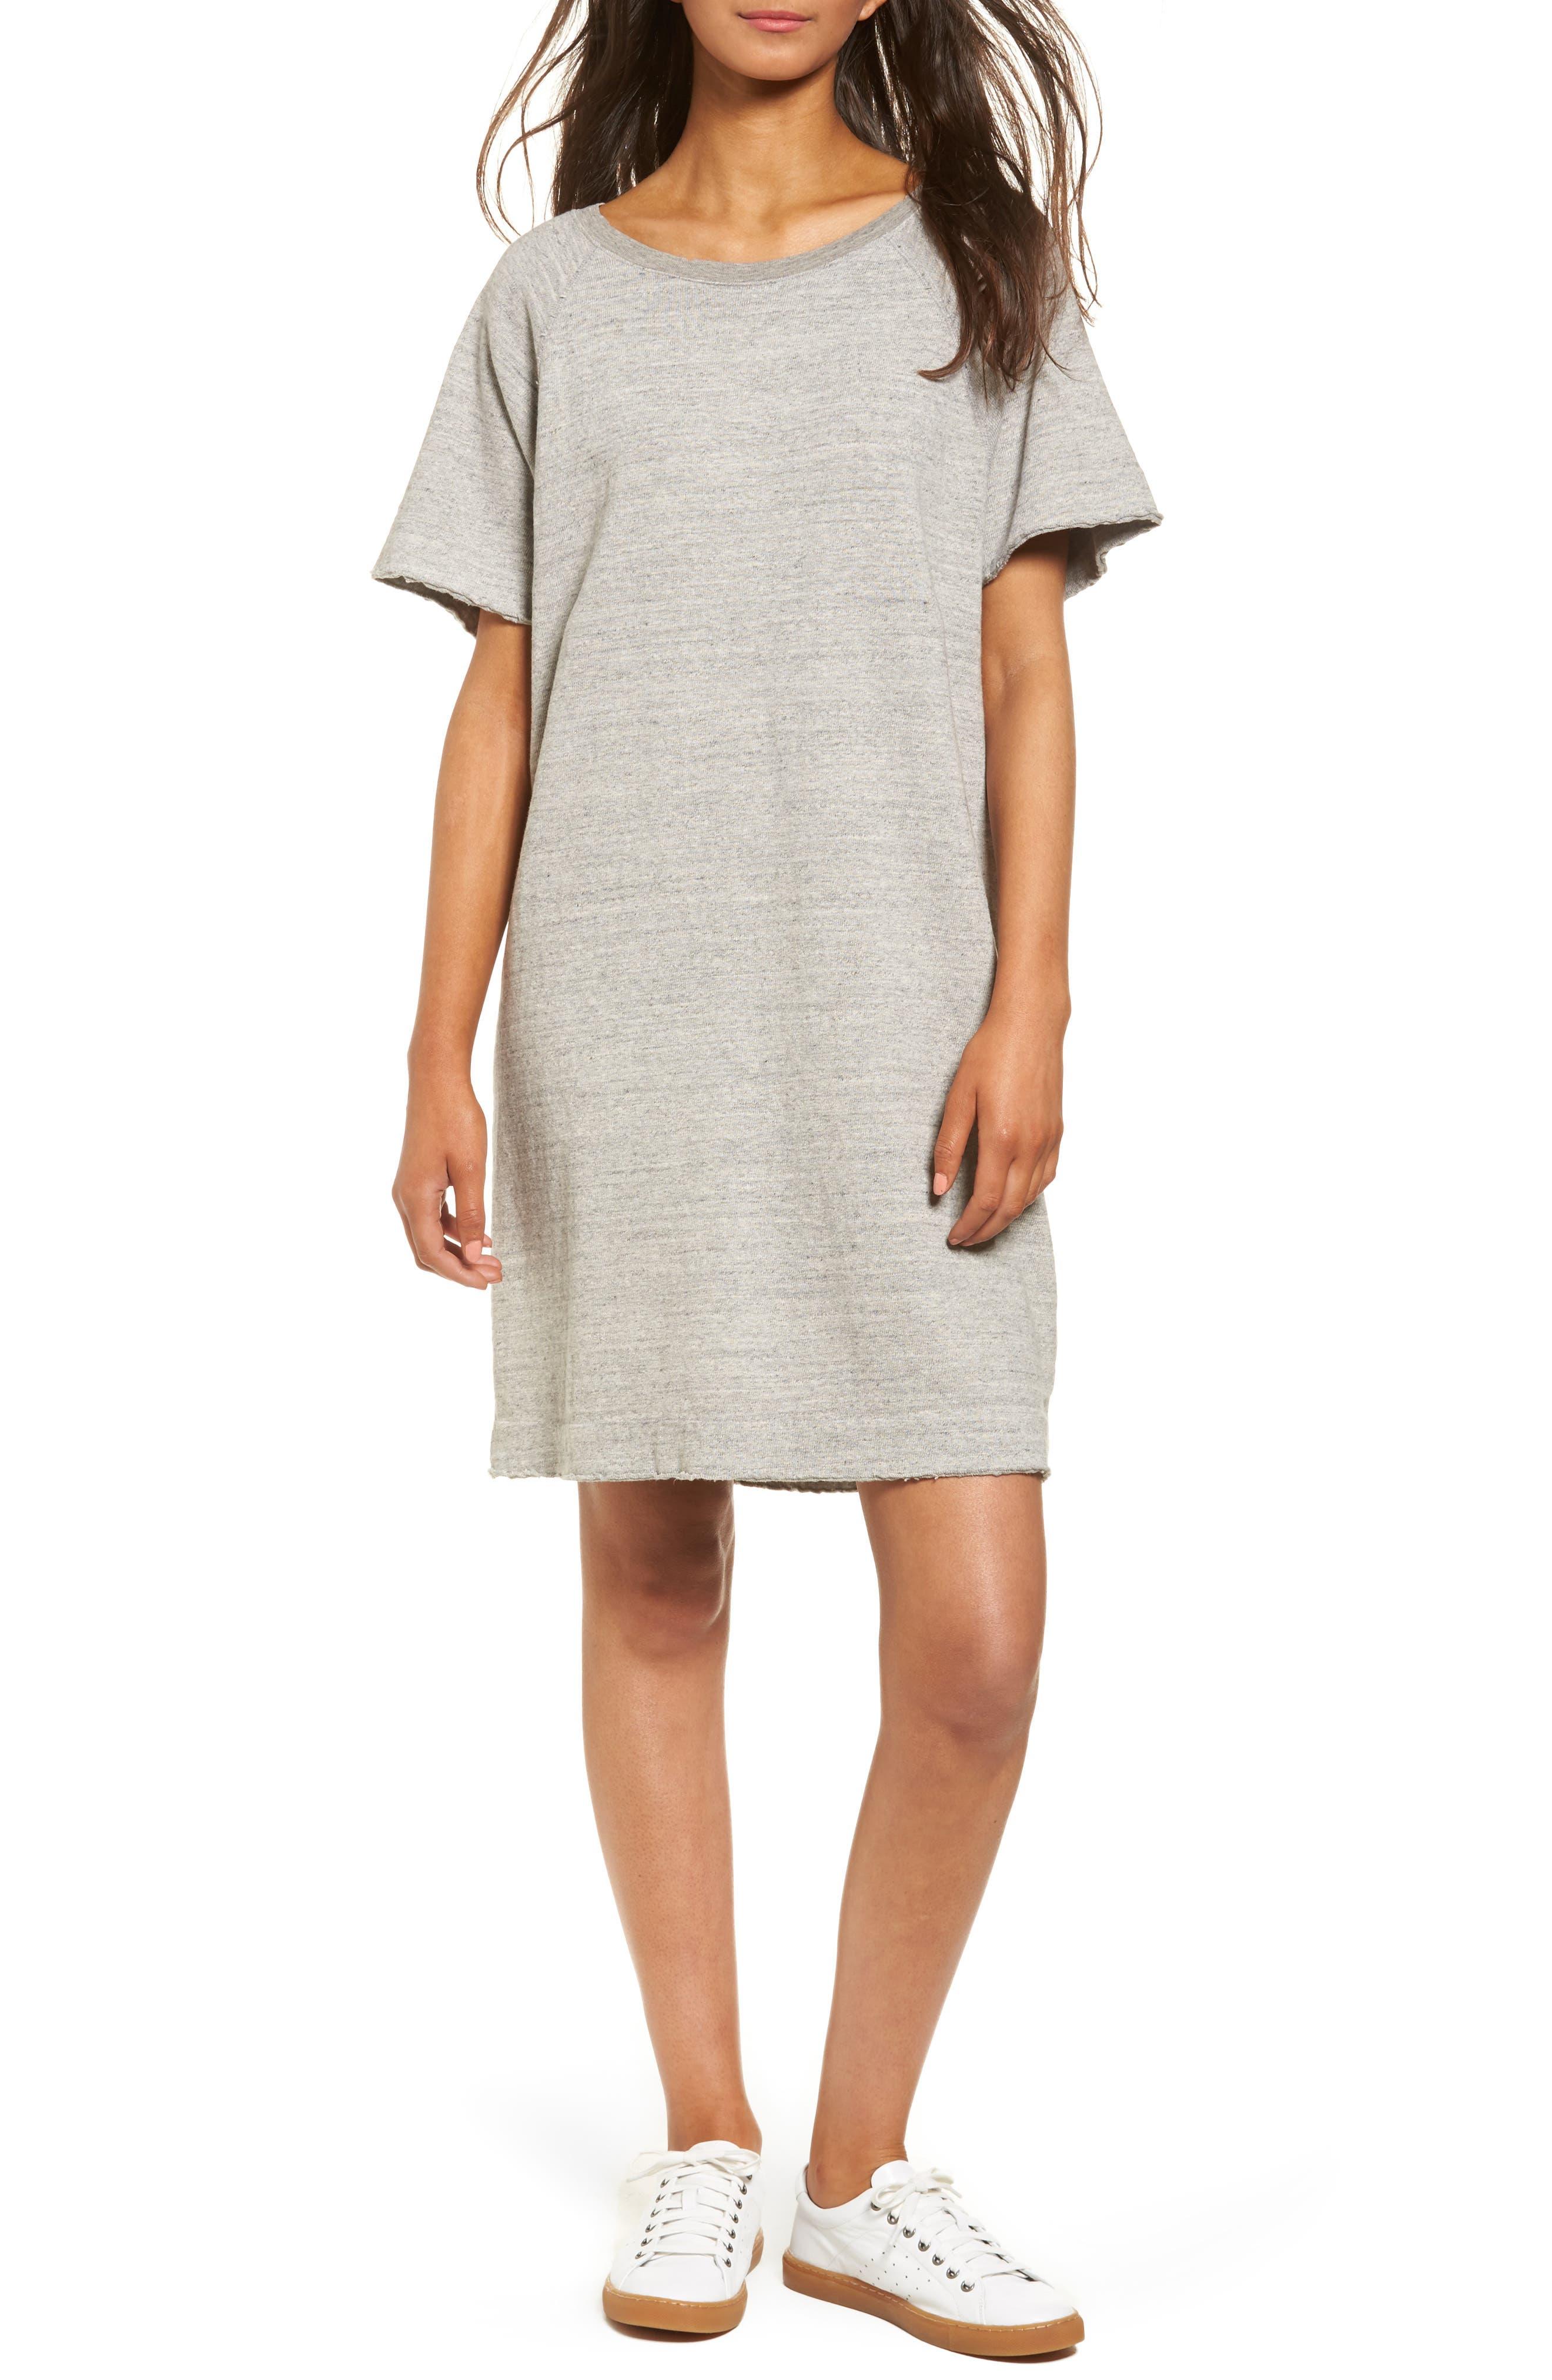 James Perse Fleece Shift Dress